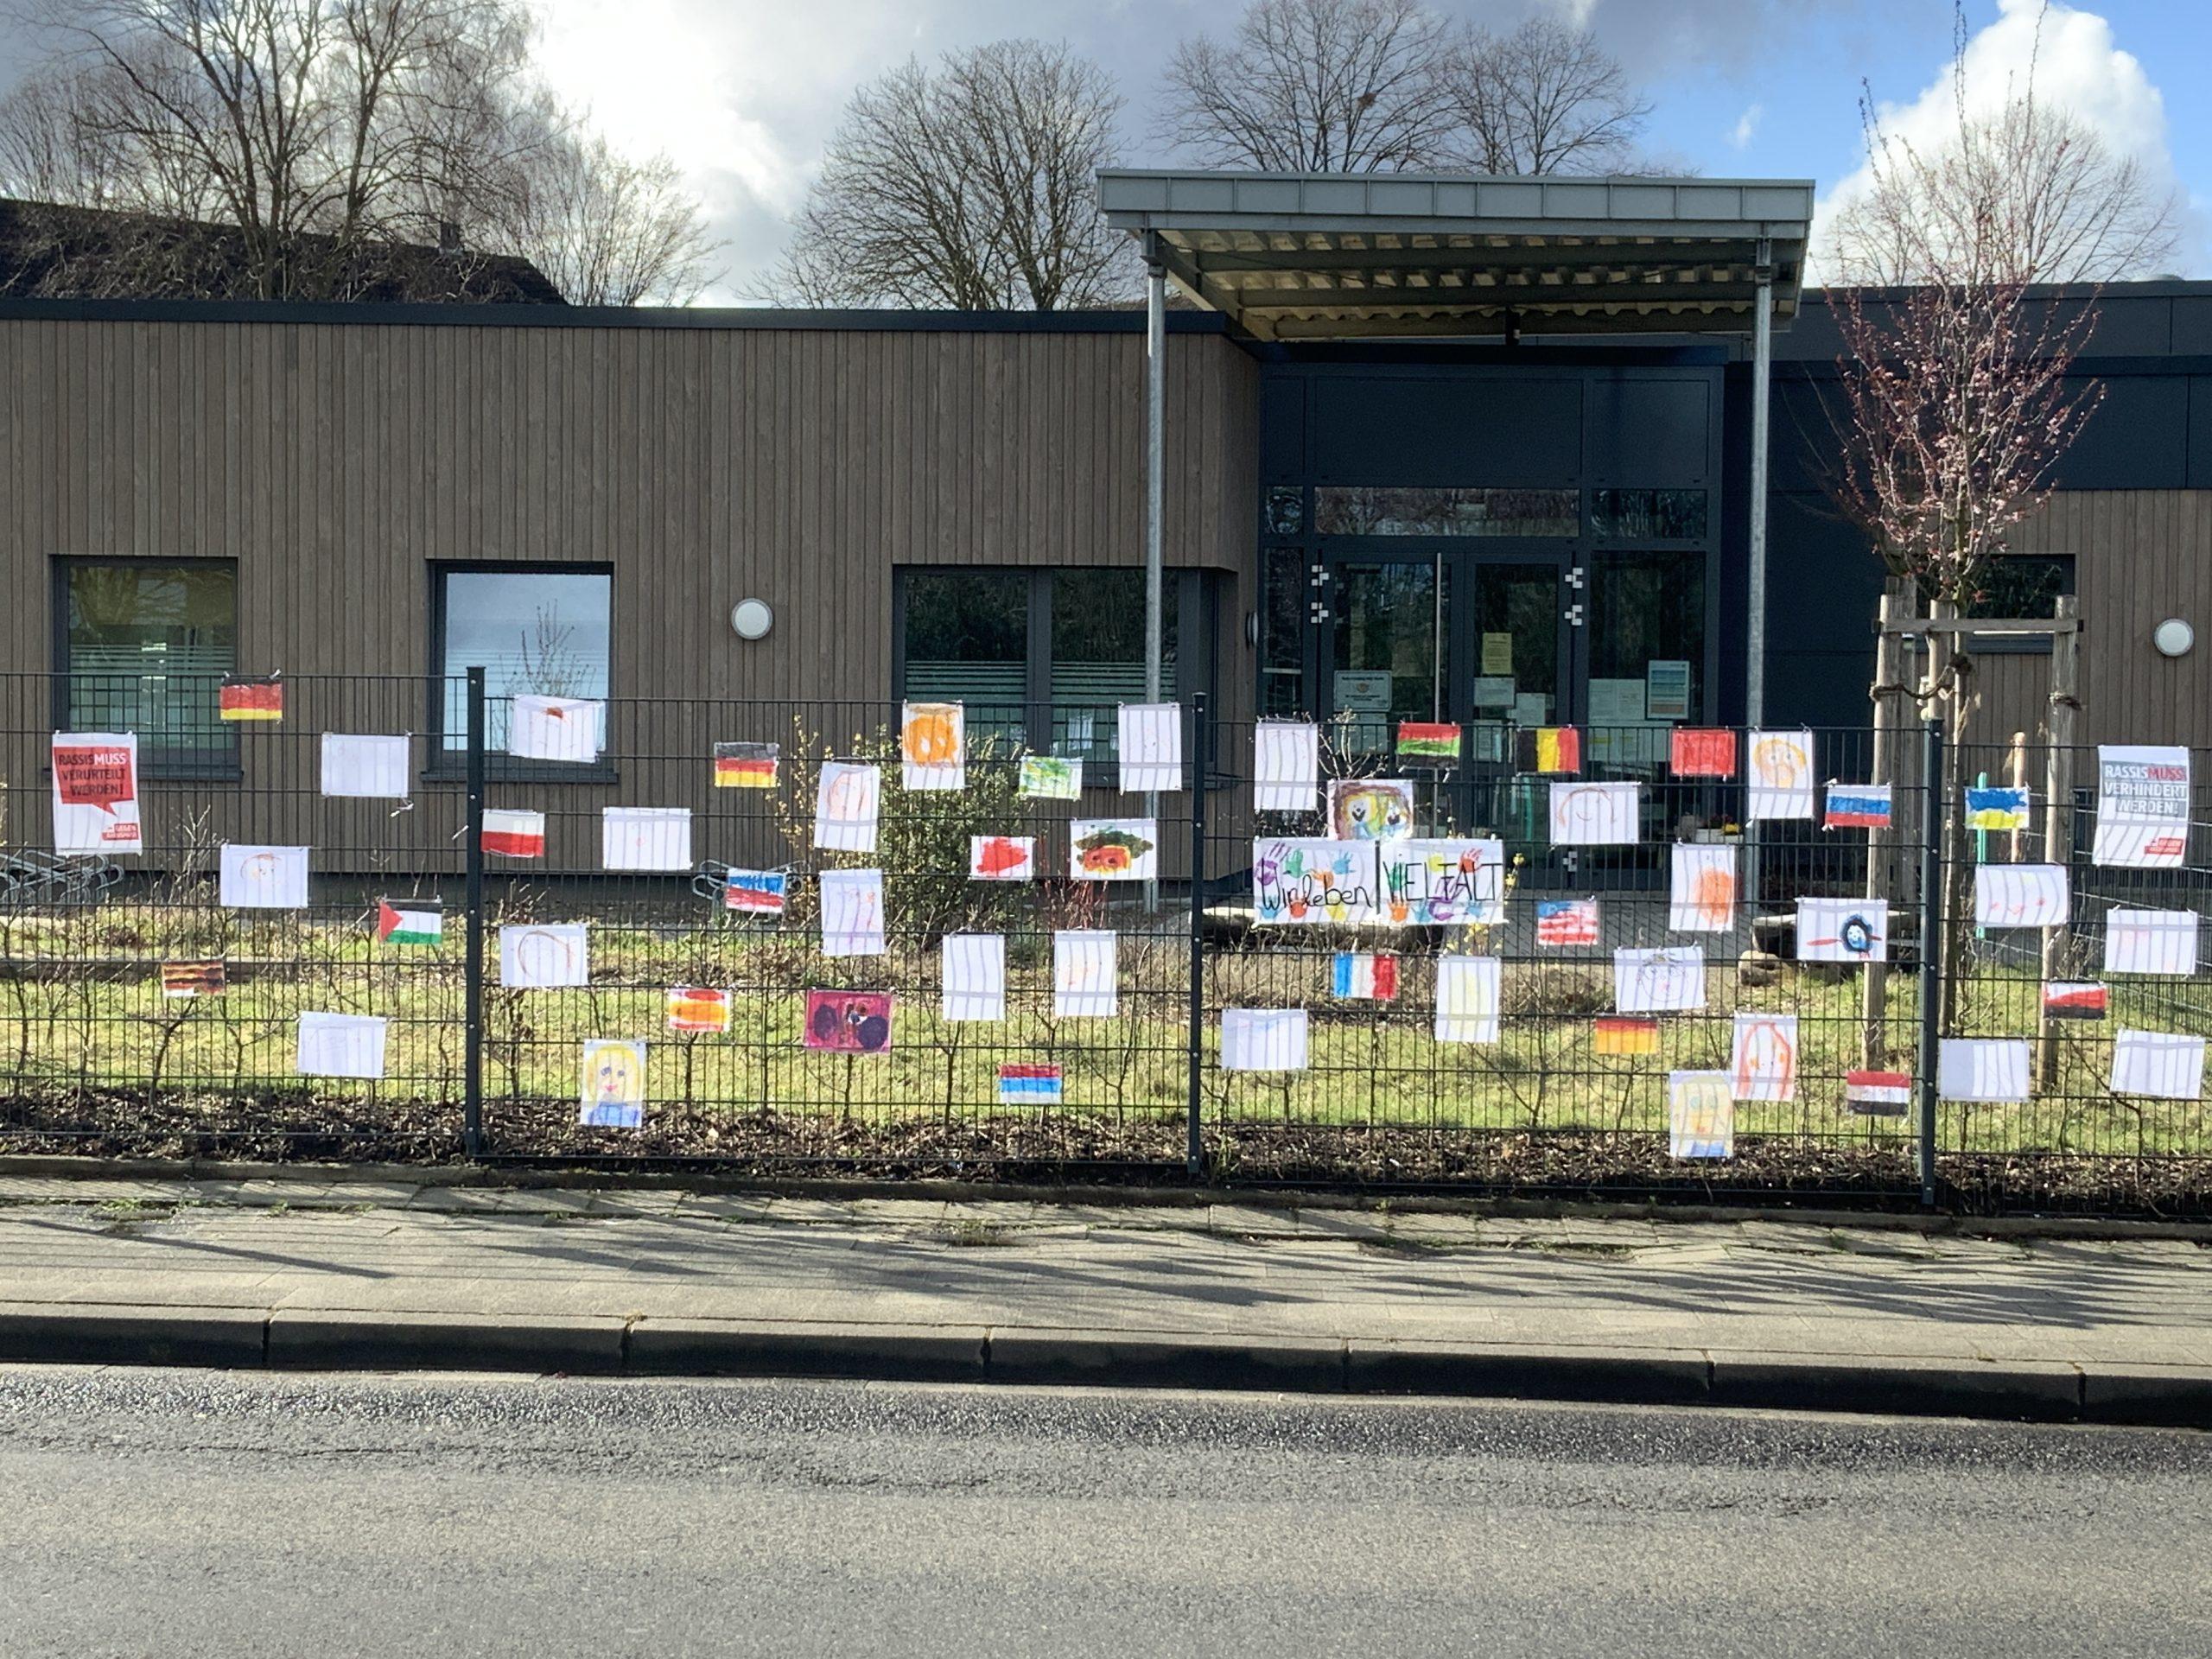 AWO gegen Rassismus - AWO-Kitas im Kreis Heinsberg setzten deutliche Zeichen 1